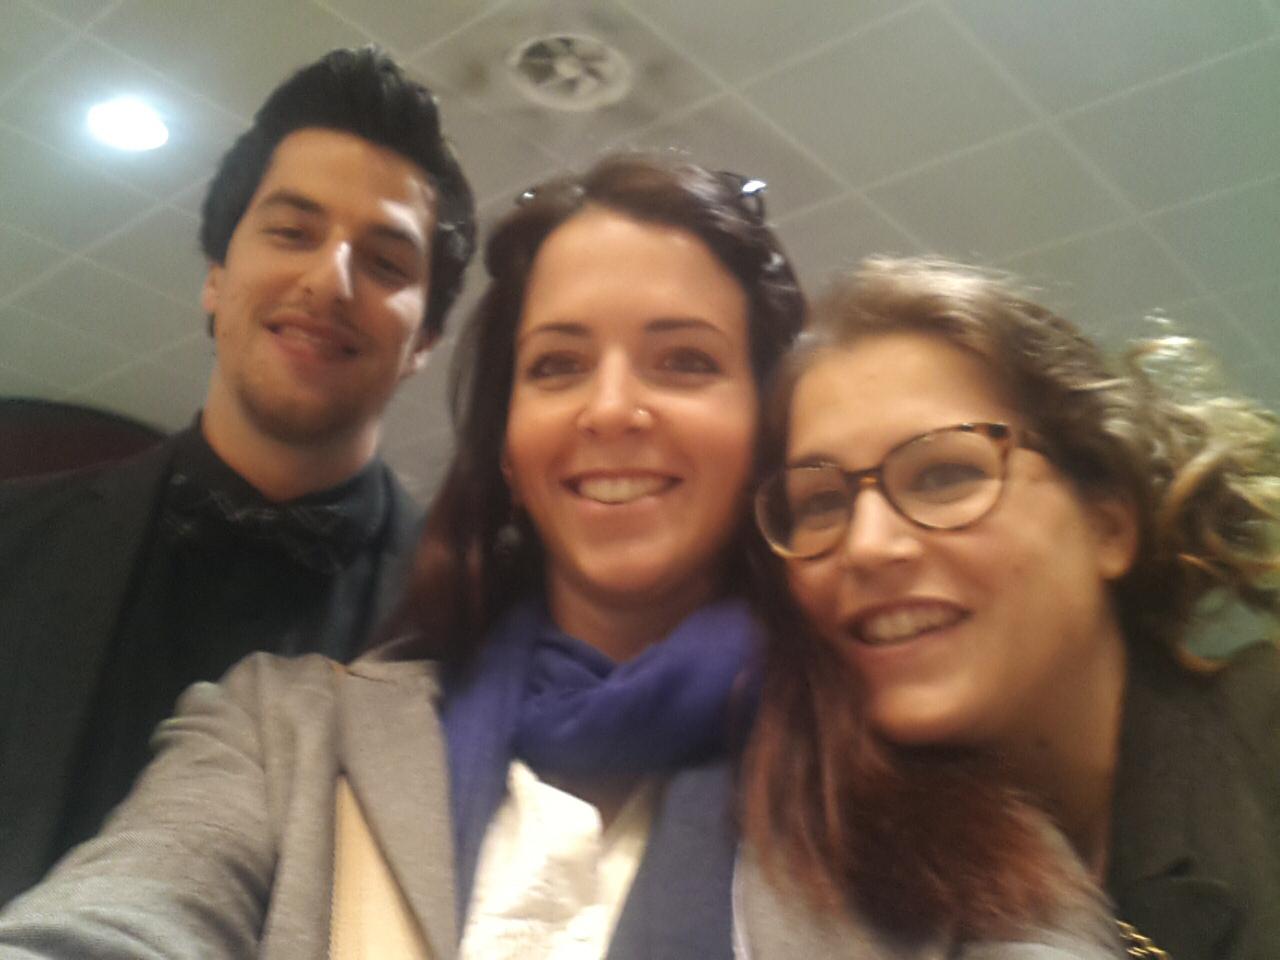 Meeting Stephano, Francesca and Giulia @Blogna Airport April 2014